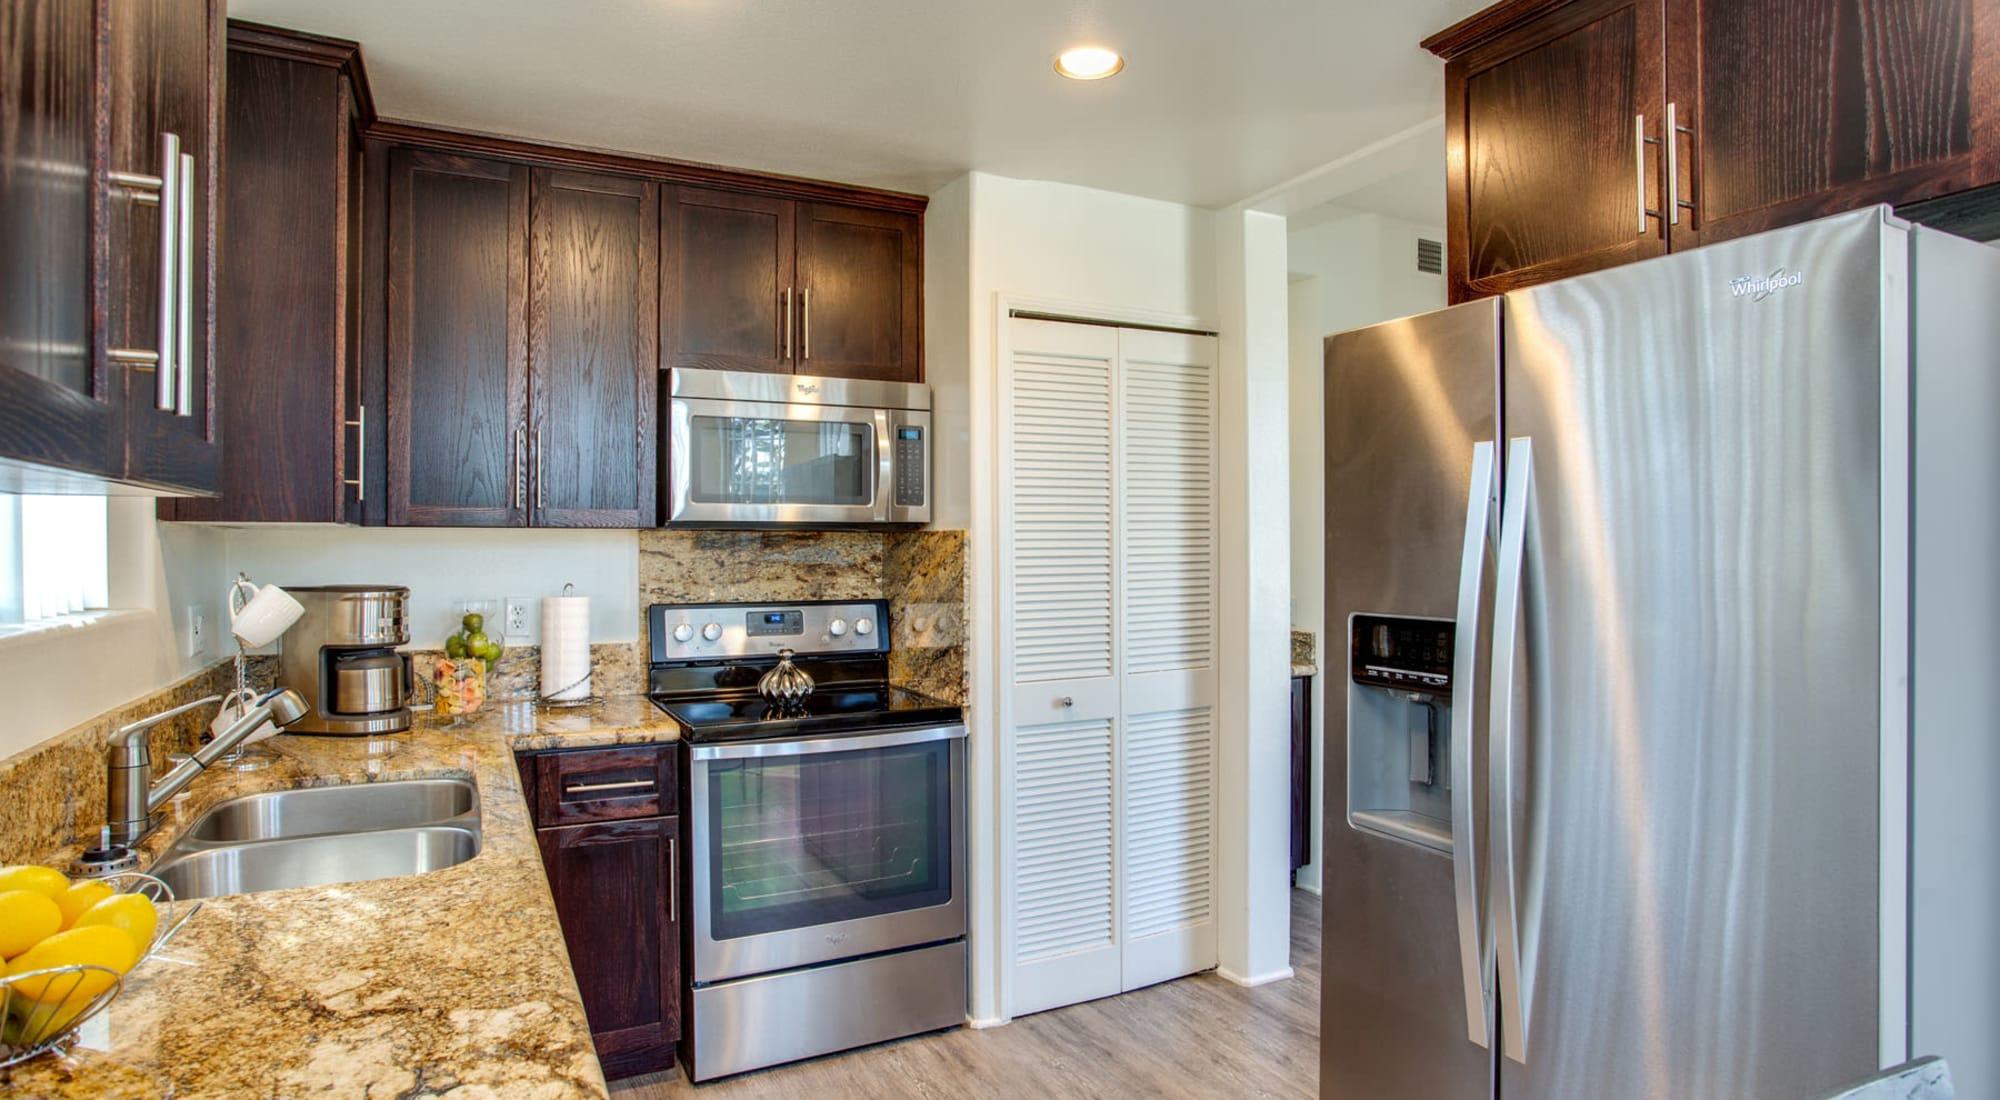 Granite countertops and espresso wood cabinetry in a model home's chef-inspired kitchen at L'Estancia in Studio City, California